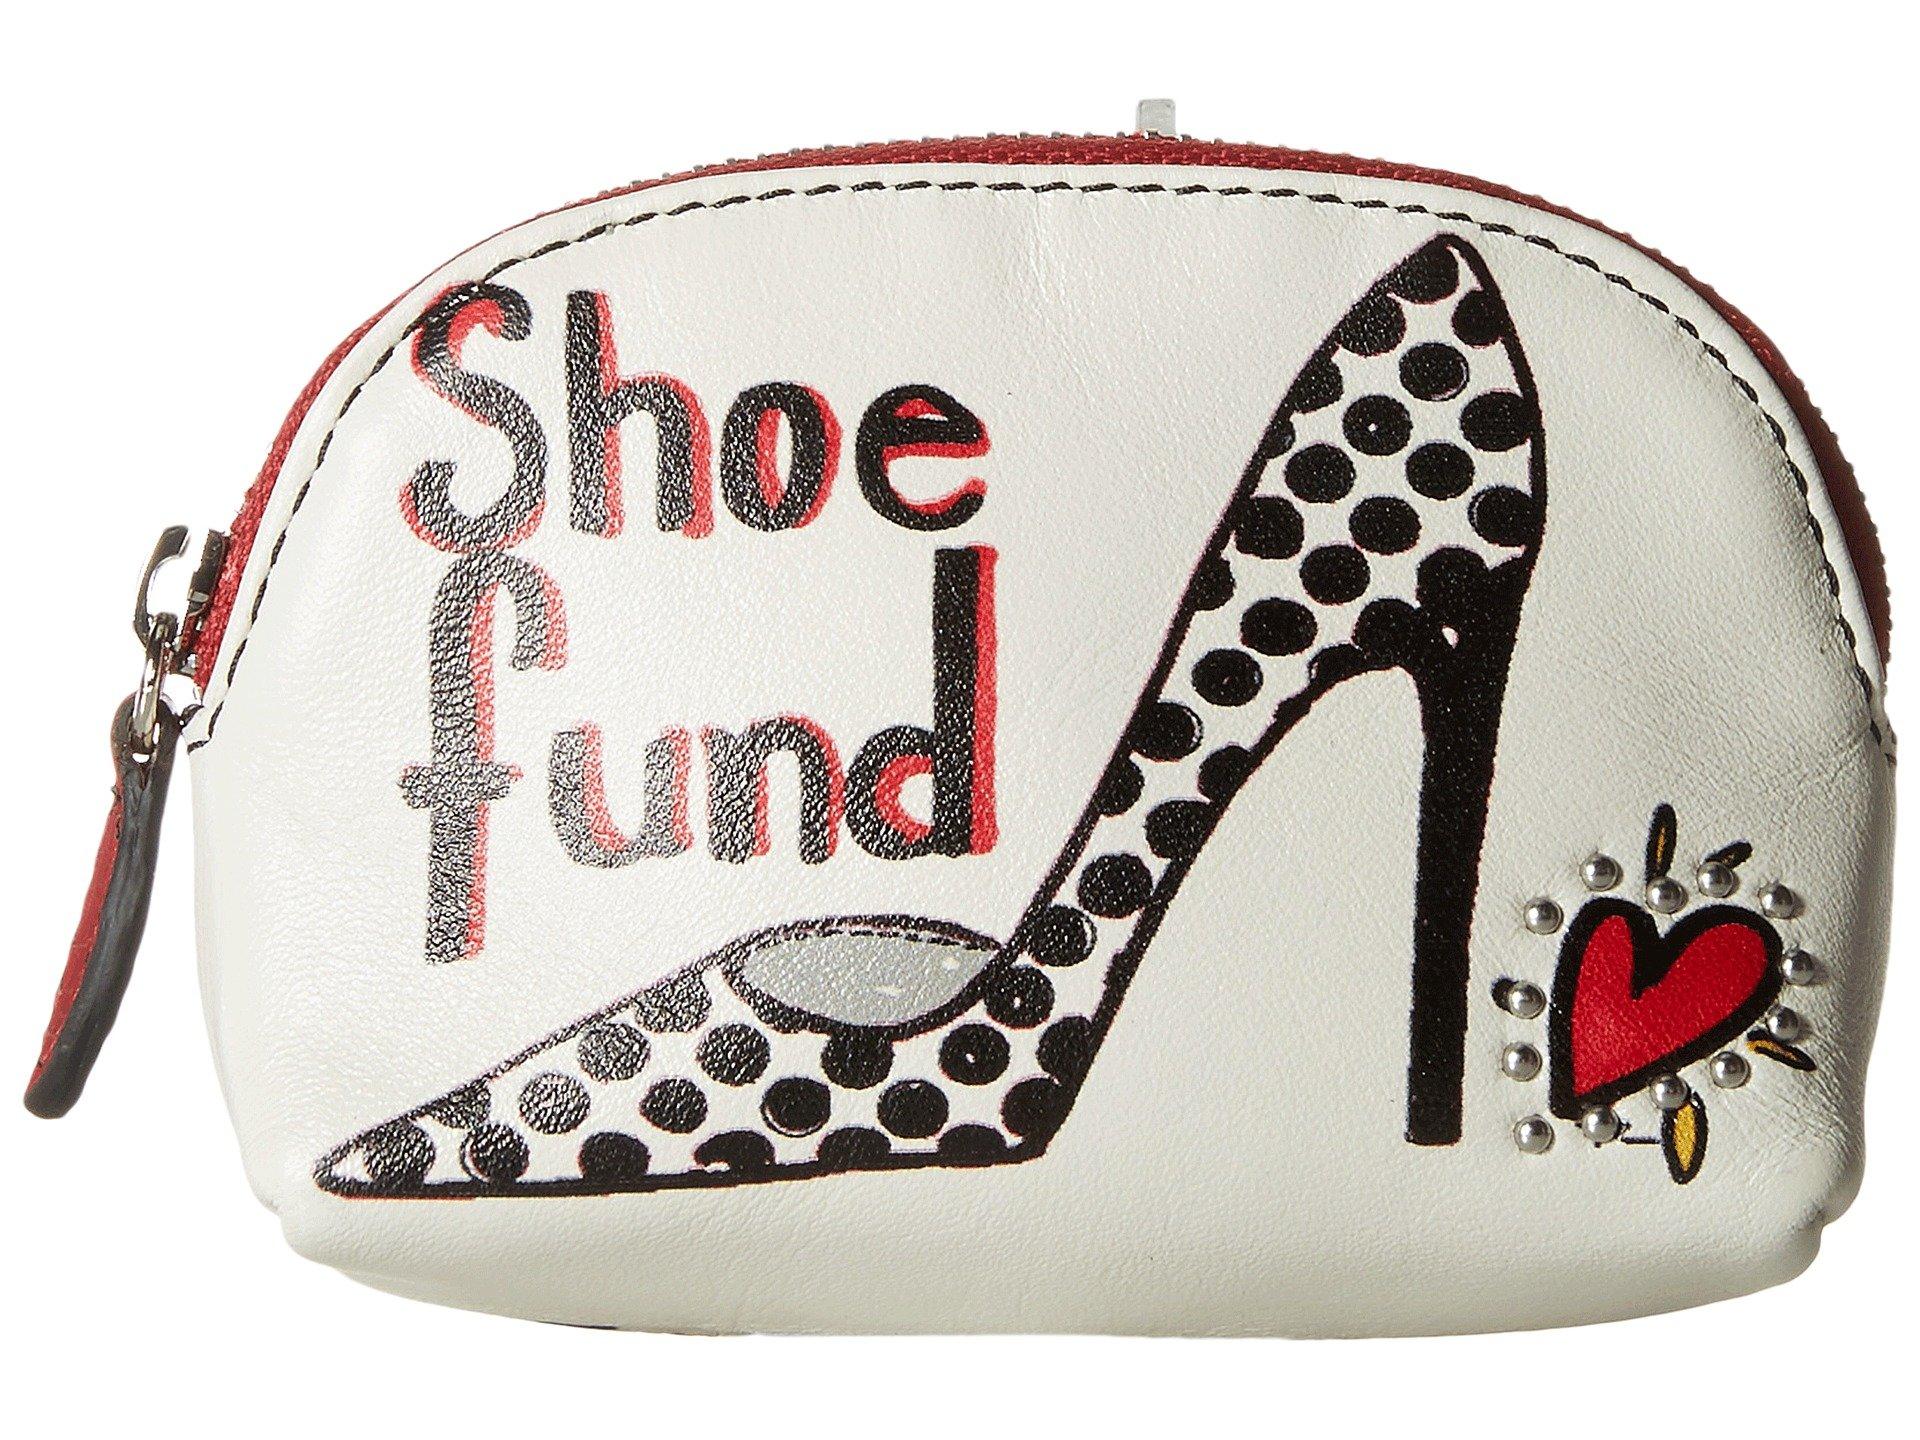 Coin Mini Fund Fashionista Multi Shoe Brighton I6xpvwqx